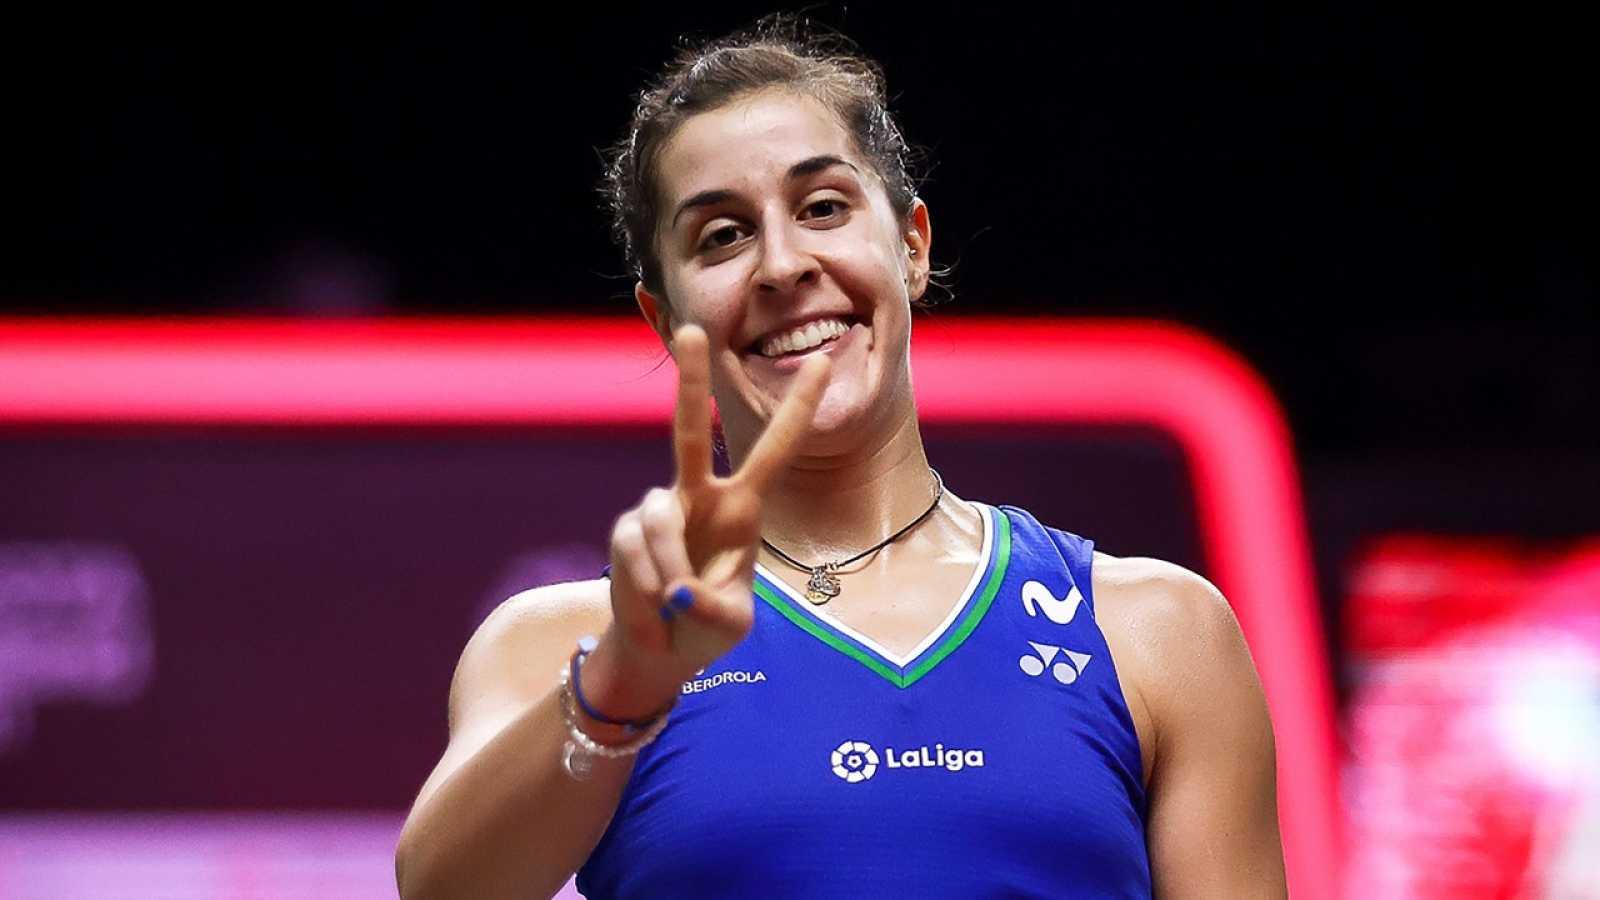 """Carolina Marín: """"Esta medalla es de todo mi equipo"""""""